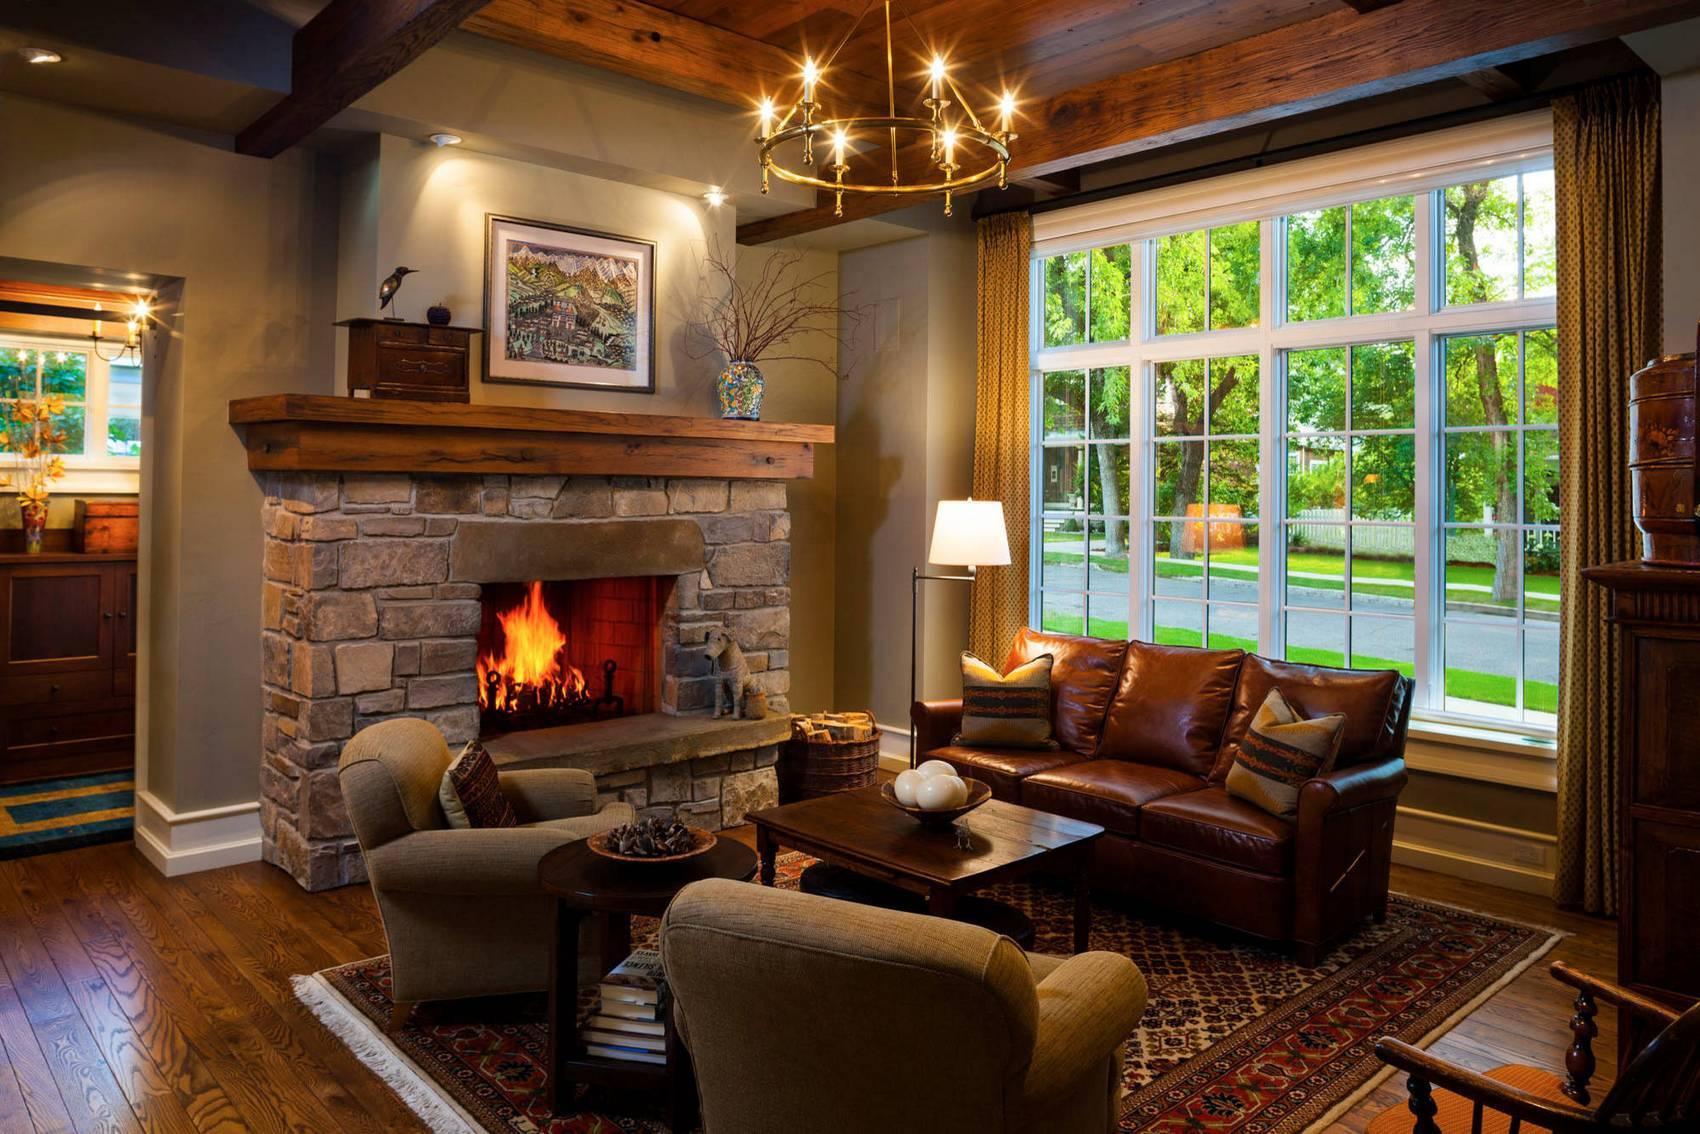 Интерьеры кухни-гостиной с камином в доме фото